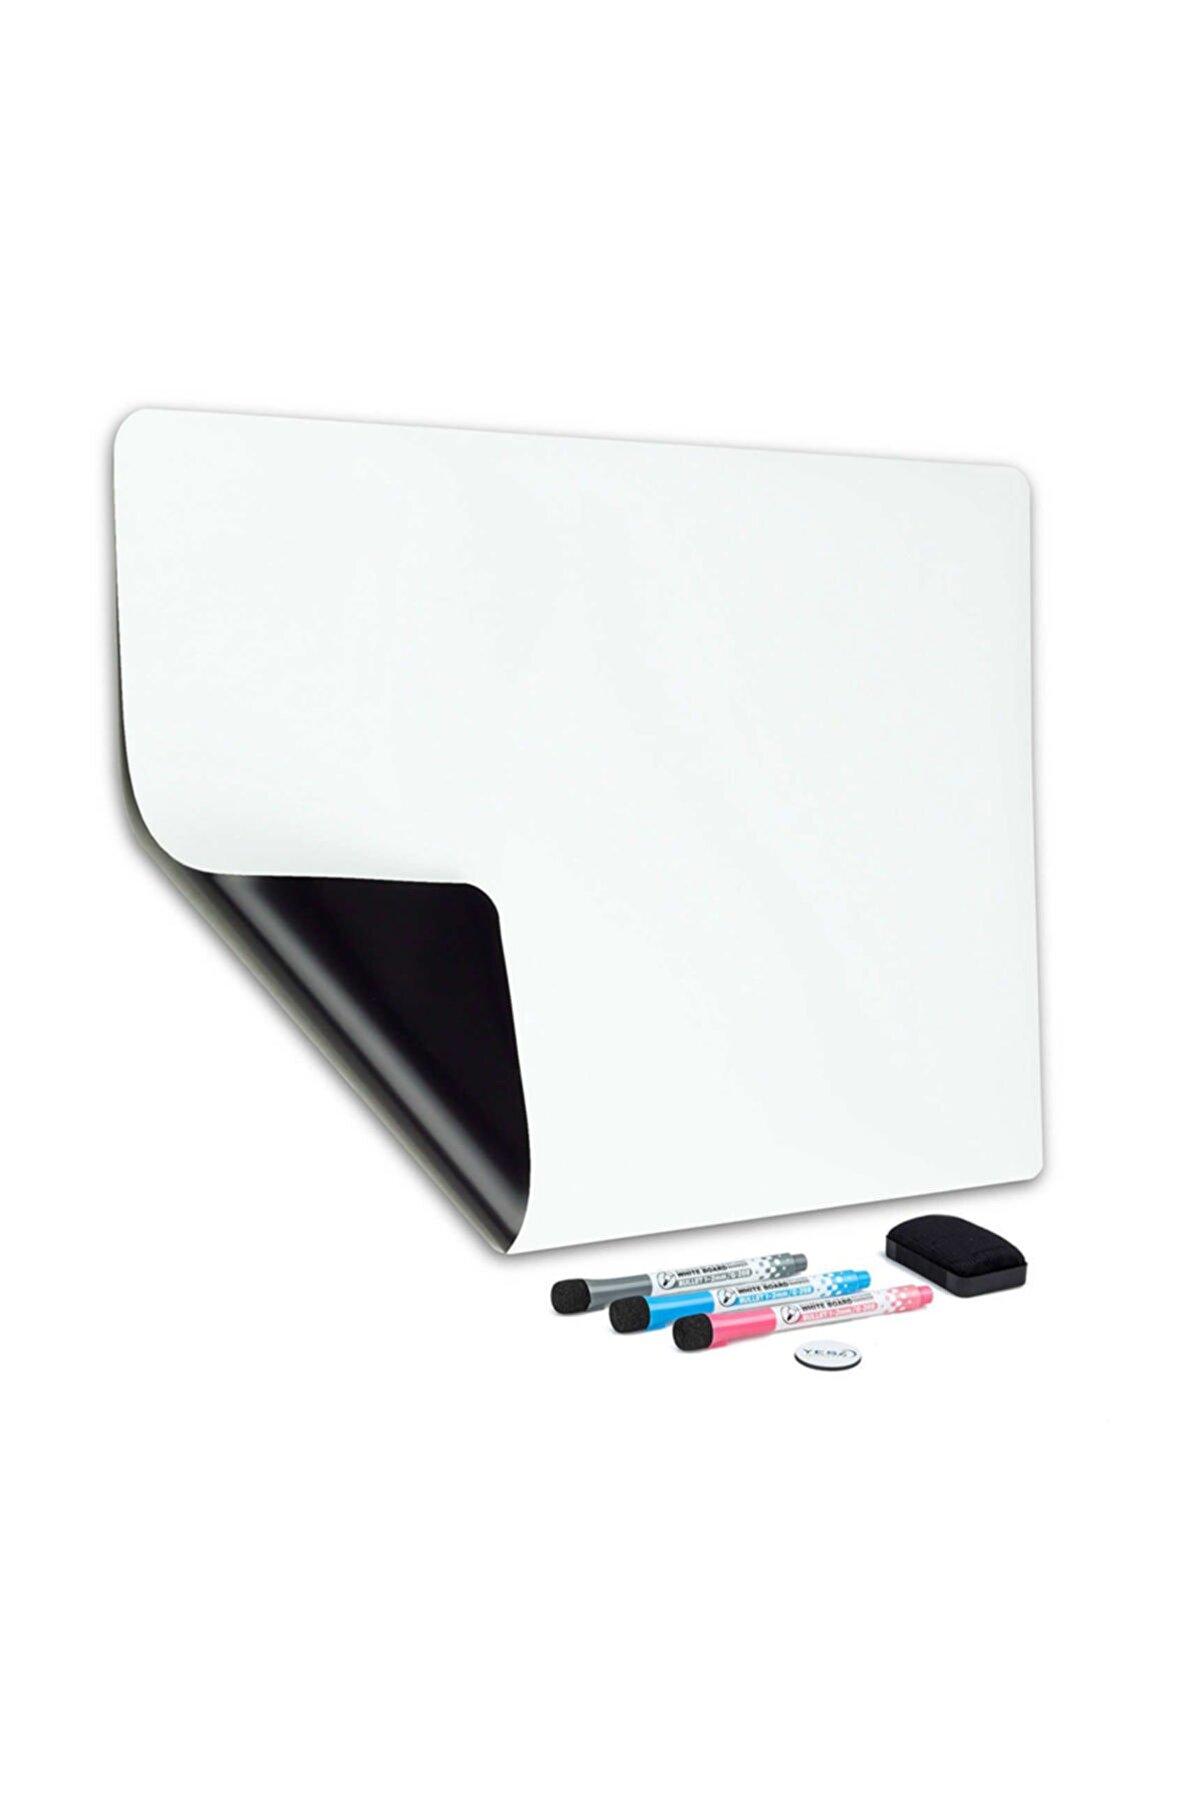 Dünya Magnet Mıknatıslı Manyetik Beyaz Tahta - 50cm x 60cm Katlanabilir Silinebilir Yazı Mesaj Tablosu + 3 Kalem